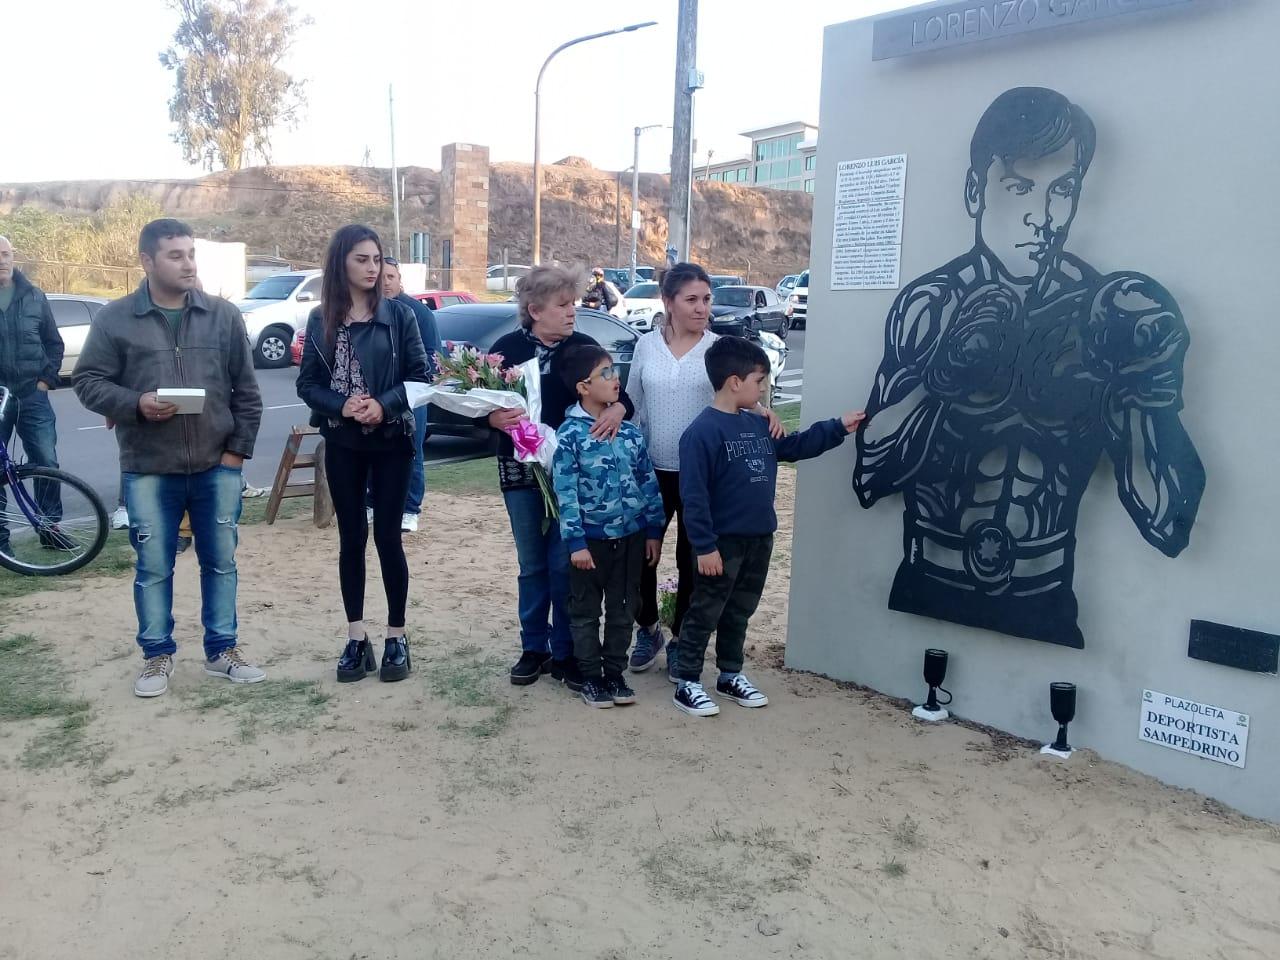 Fue inaugurada la Plazoleta «Día del Deportista Sampedrino» con un cálido homenaje a Lorenzo García